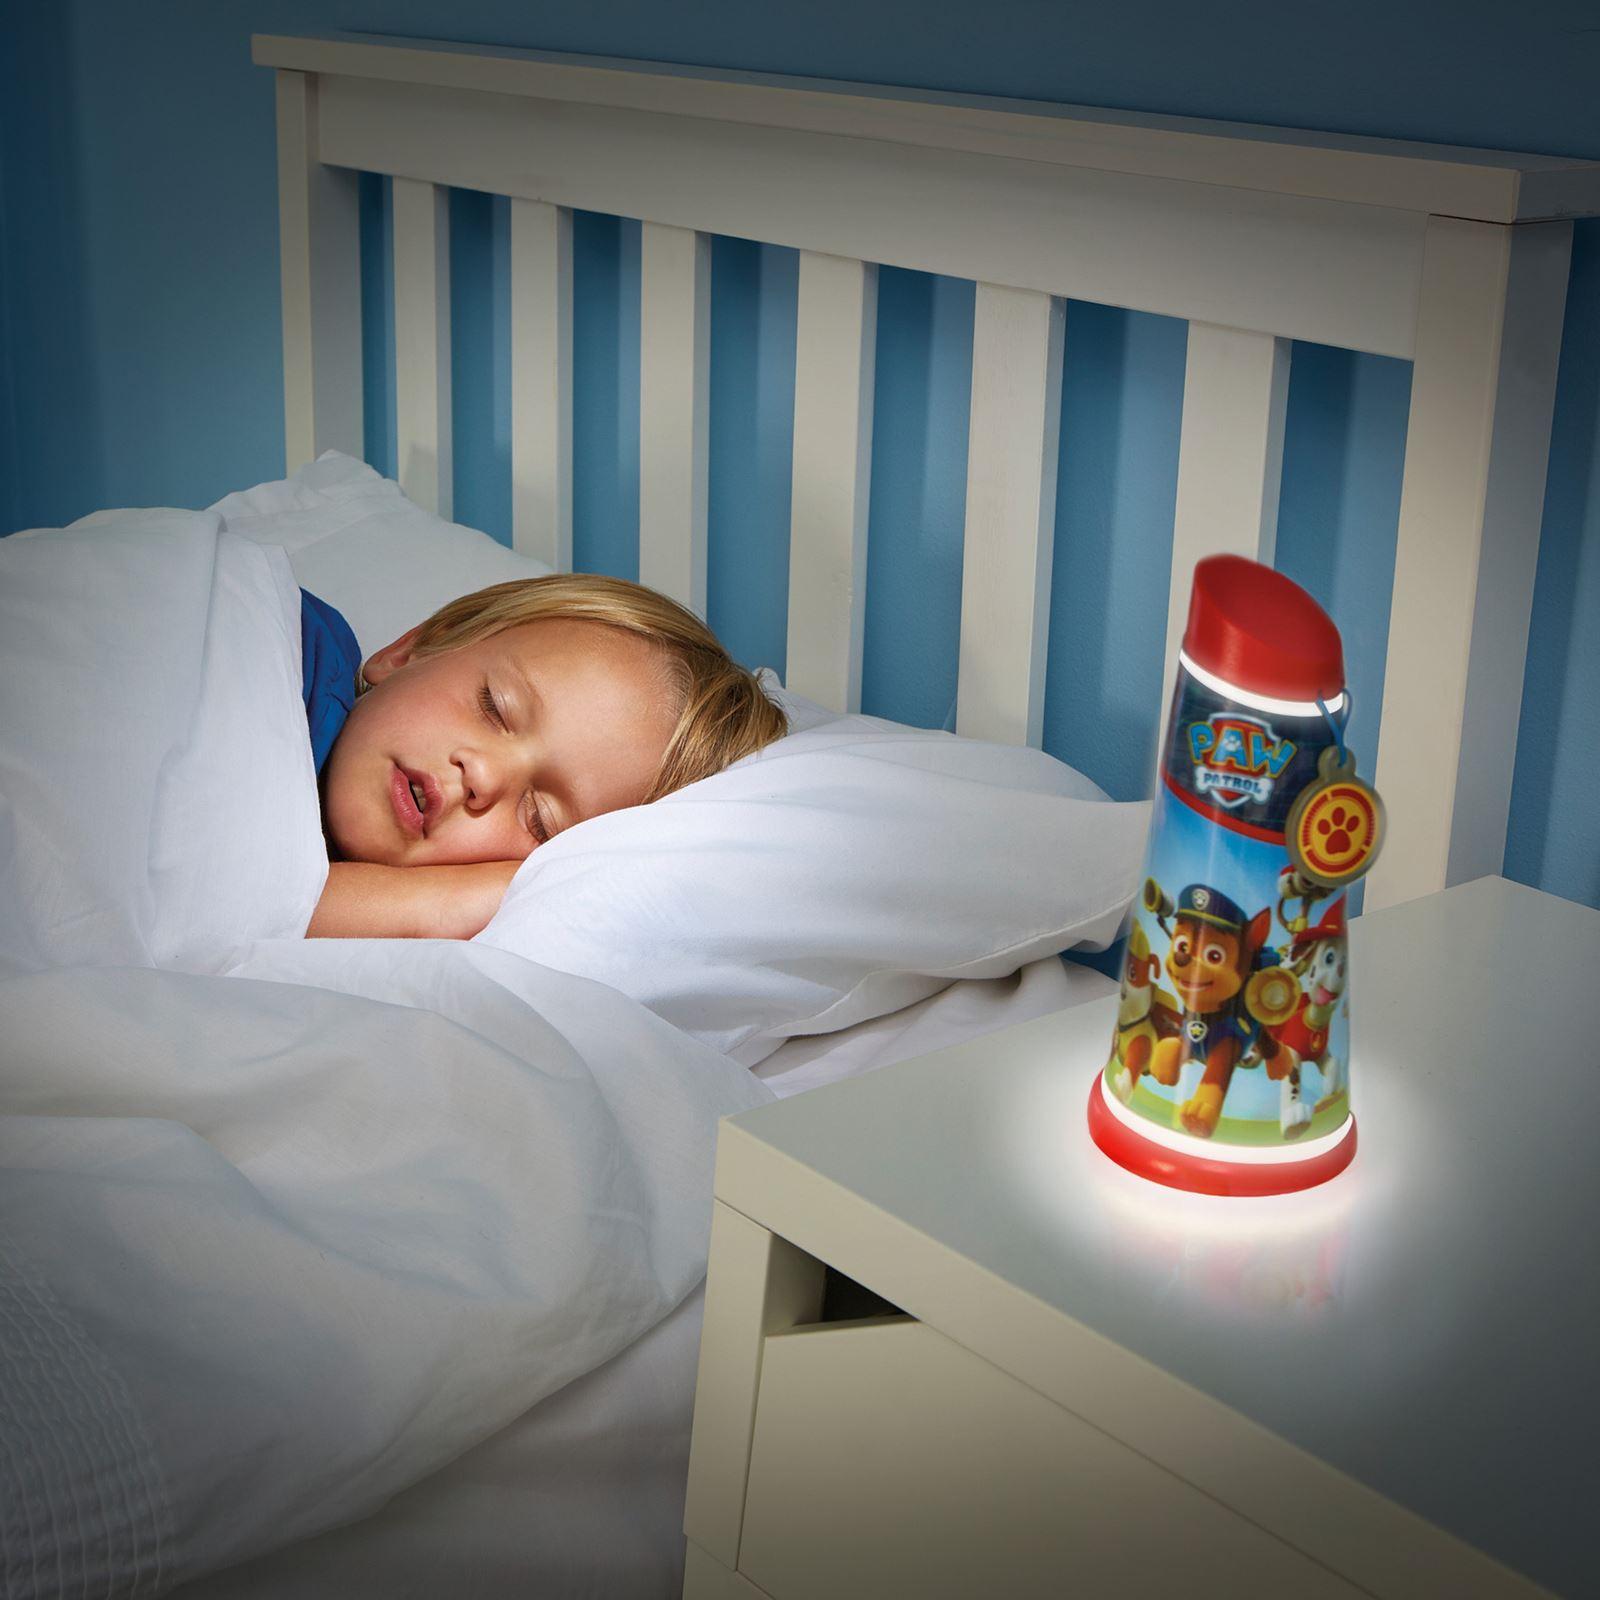 Indexbild 61 - Go Glow Nacht Beam Kipp Torch Beleuchtung Licht Kinder Schlafzimmer